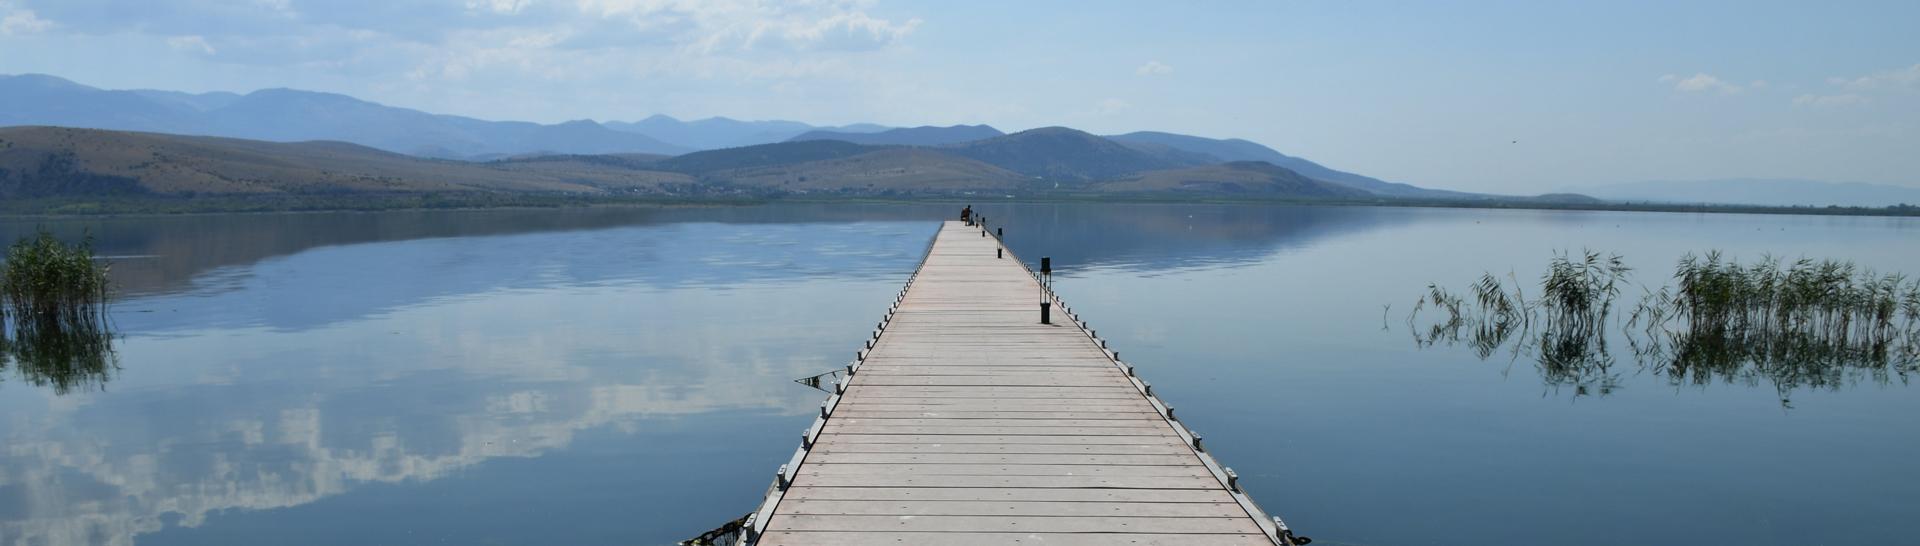 חלום יווני - זורבה - יוון - יואל שתרוג - אדמה יוצרת - yoel sitruk